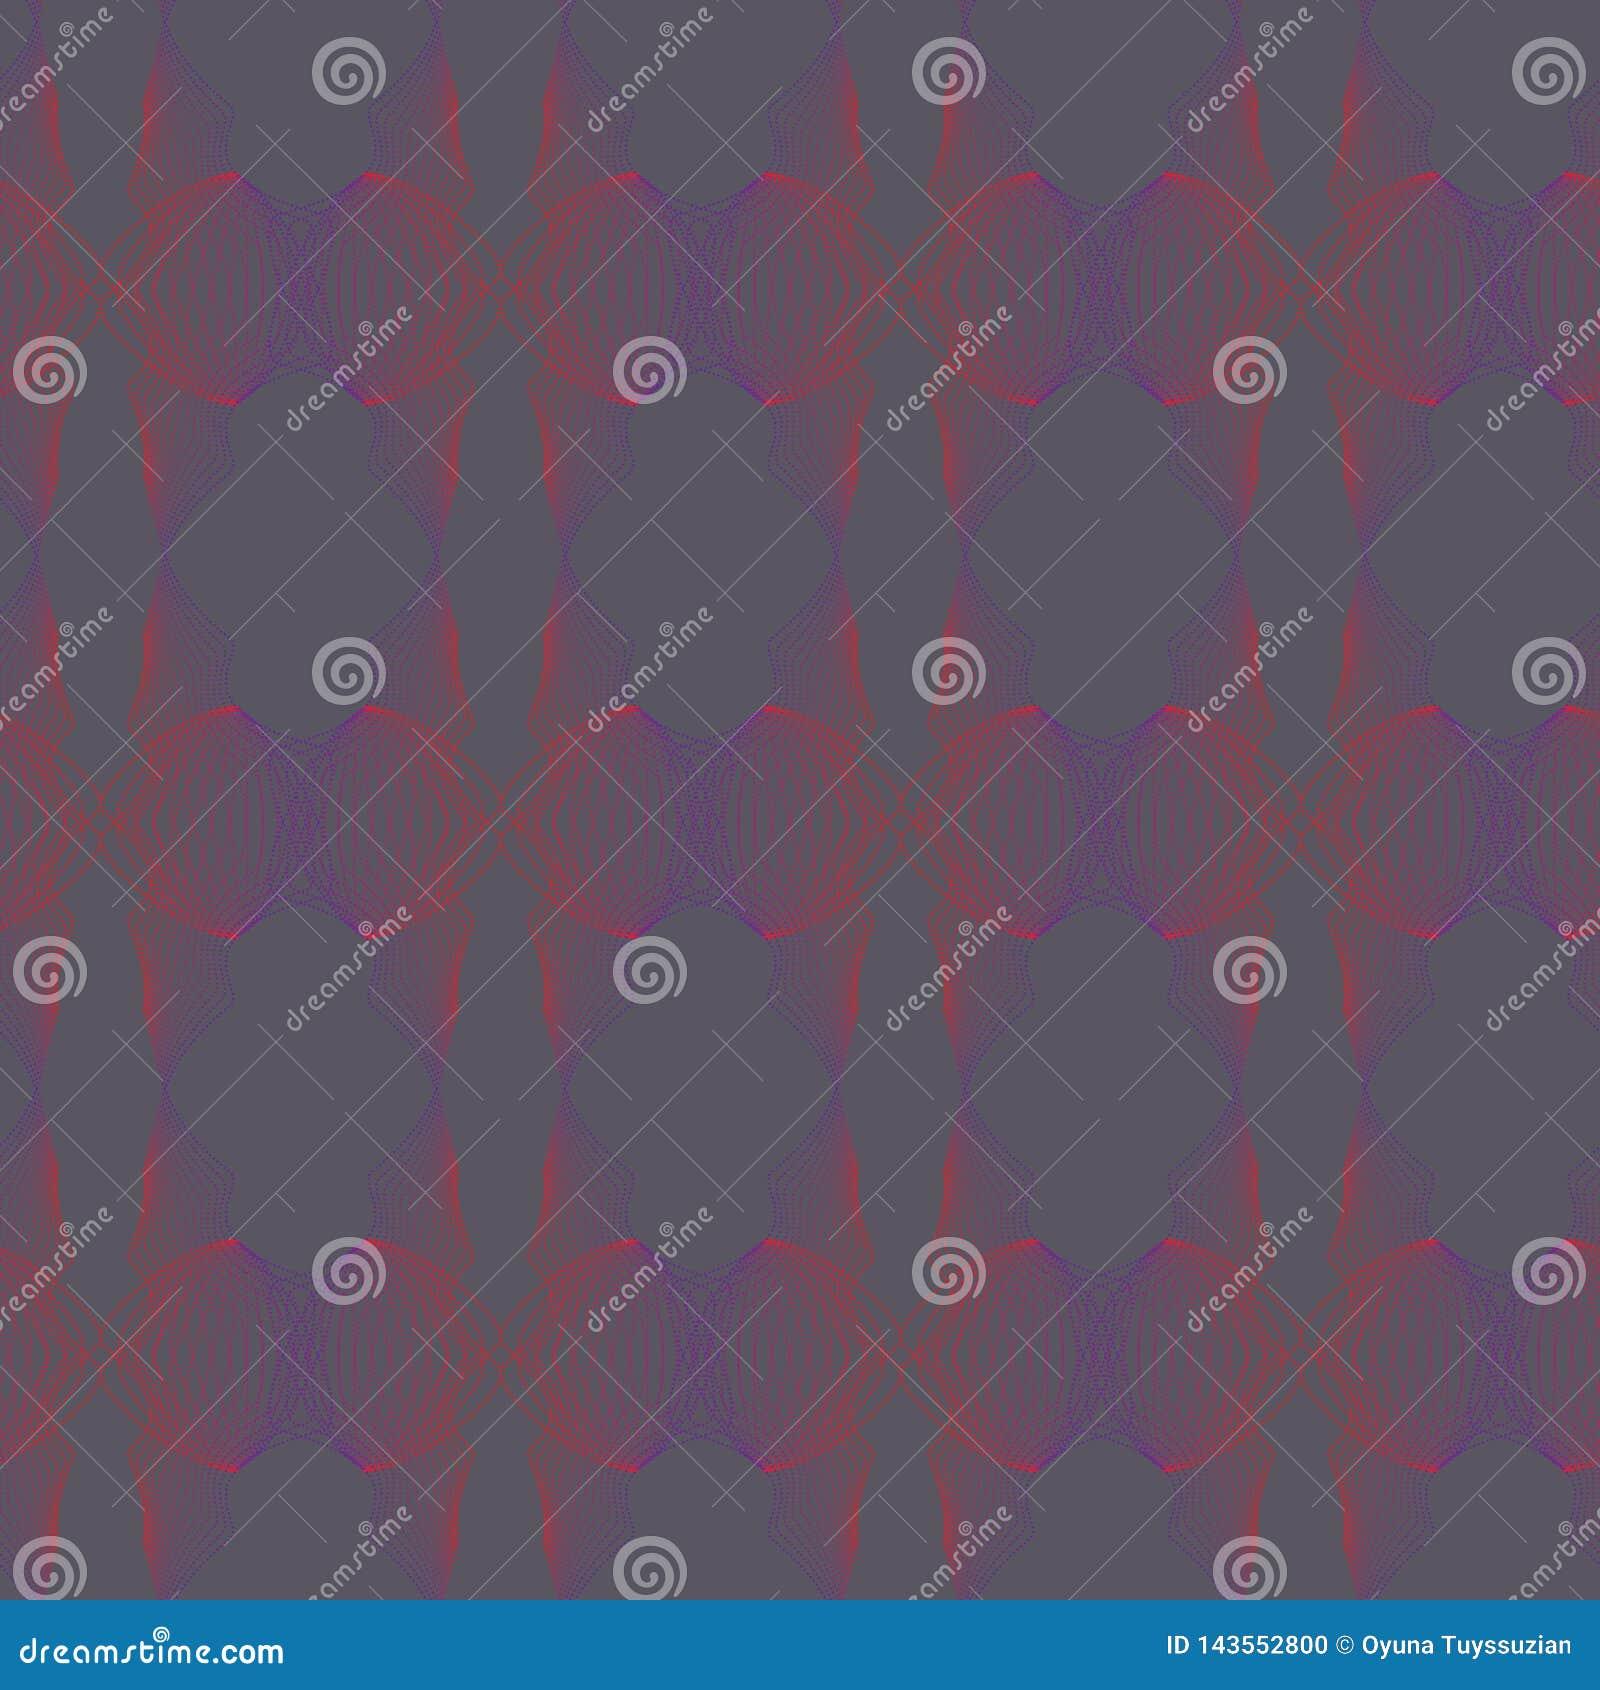 Διανυσματική απεικόνιση της τυποποιημένης περίληψης που συνδυάζεται, συνδεμένες με καλώδιο μορφές